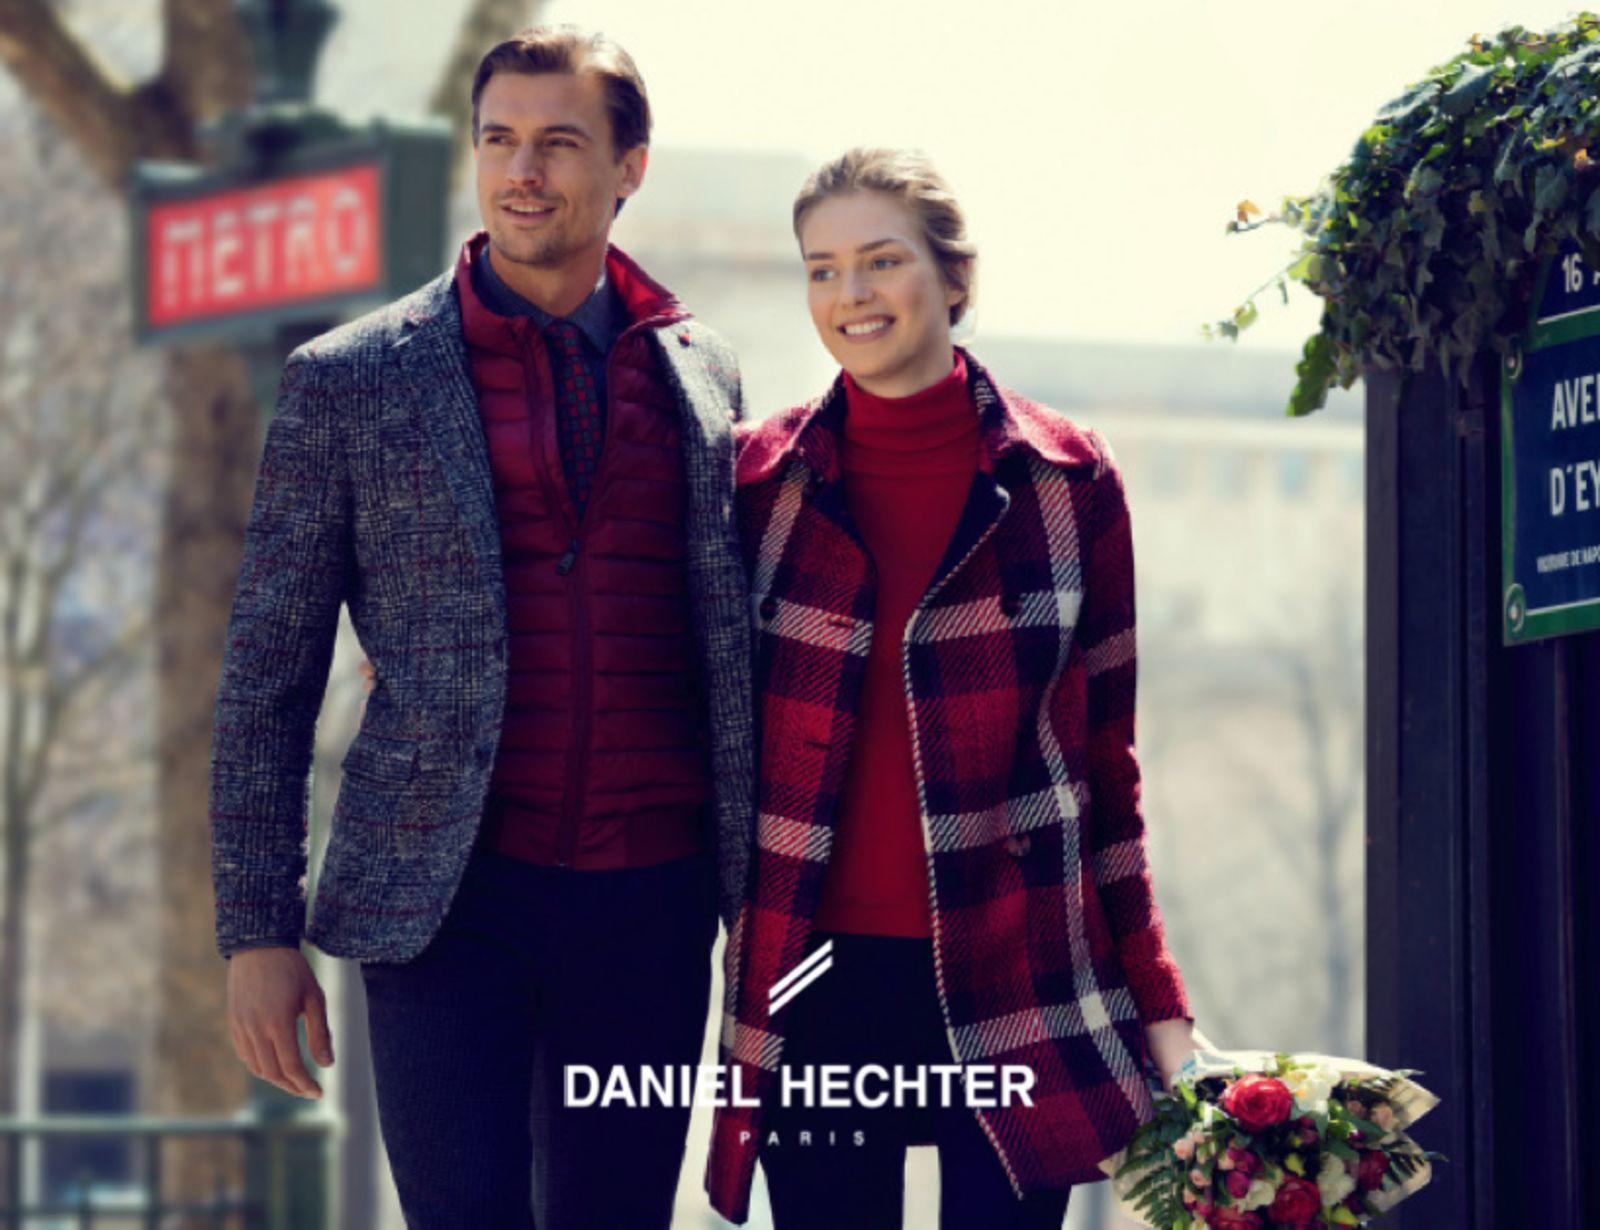 DANIEL HECHTER (Image 2)